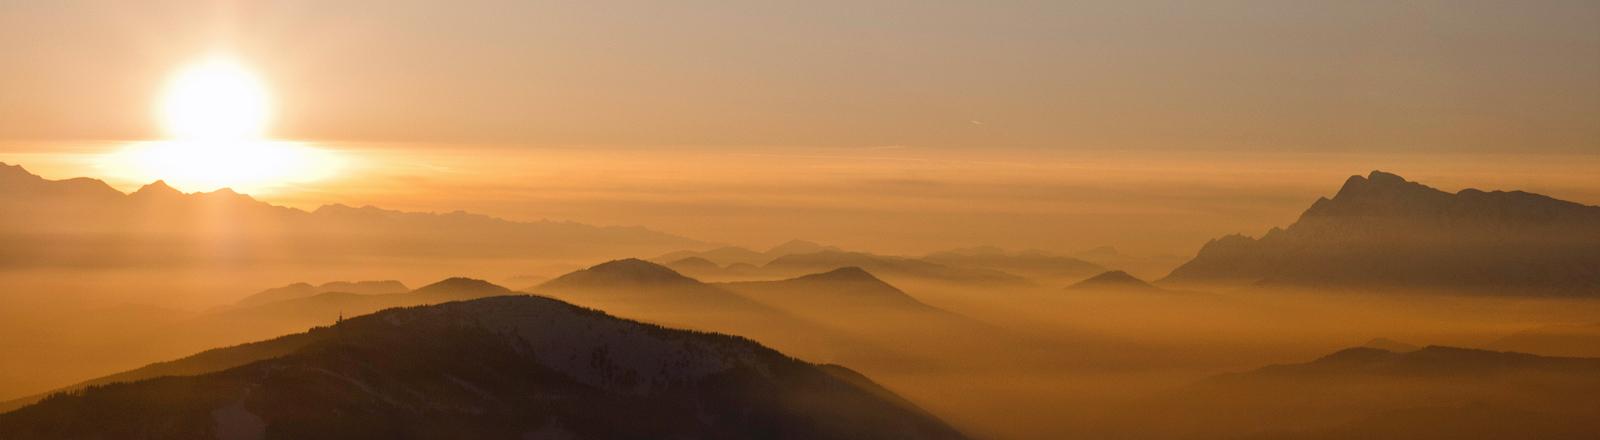 """Eine hübsche Hügellandschaft, über der gerade die Sonne untergeht. Könnte auch aus """"Herr der Ringe"""" sein."""